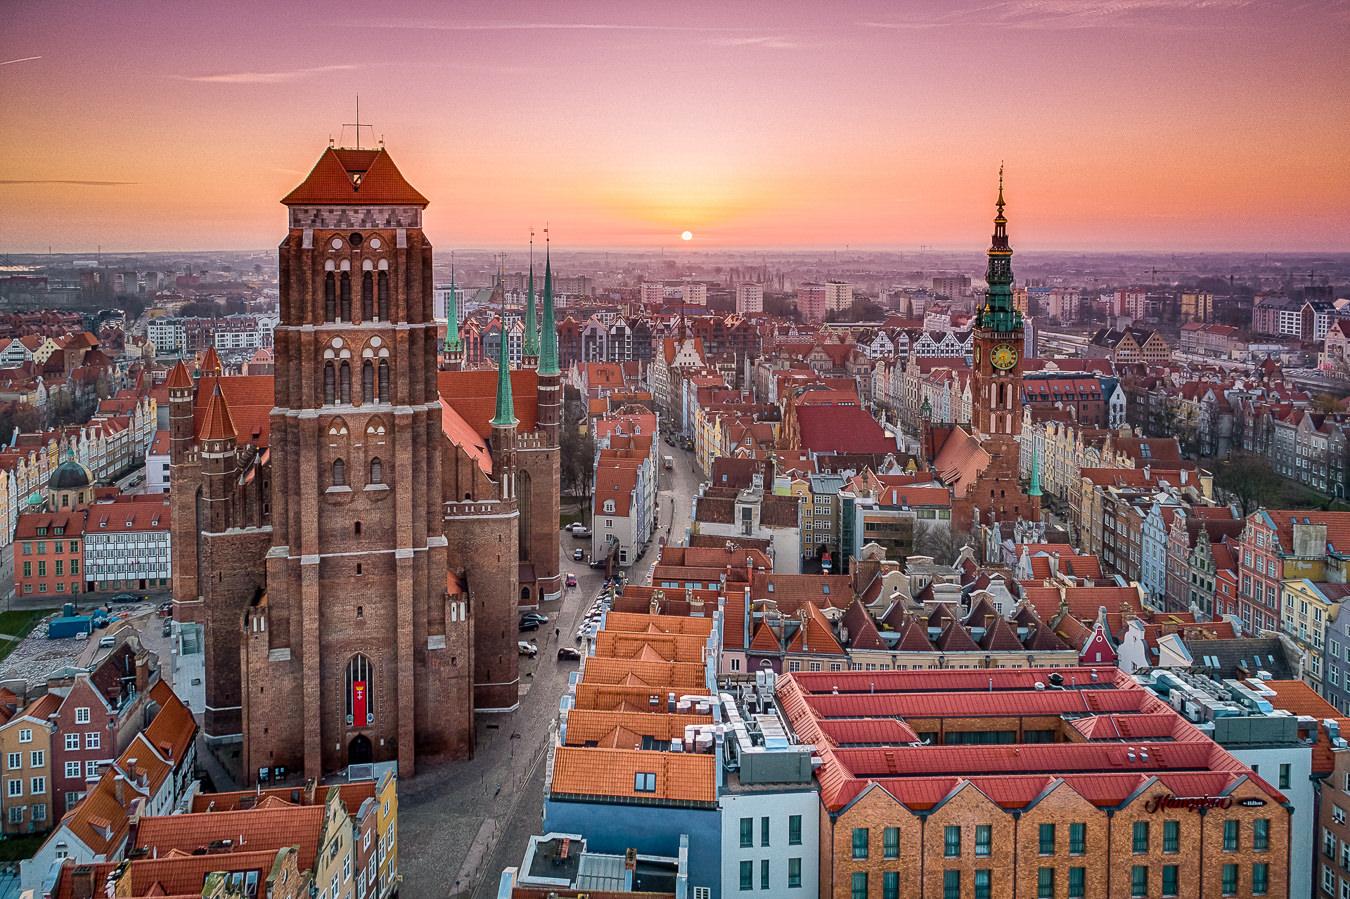 Gdańsk - Główne Miasto o wschodzie słońca, widok na Kościół Wniebowzięcia Najświętszej Marii Panny i Wieżę Ratusza Głównego Miasta